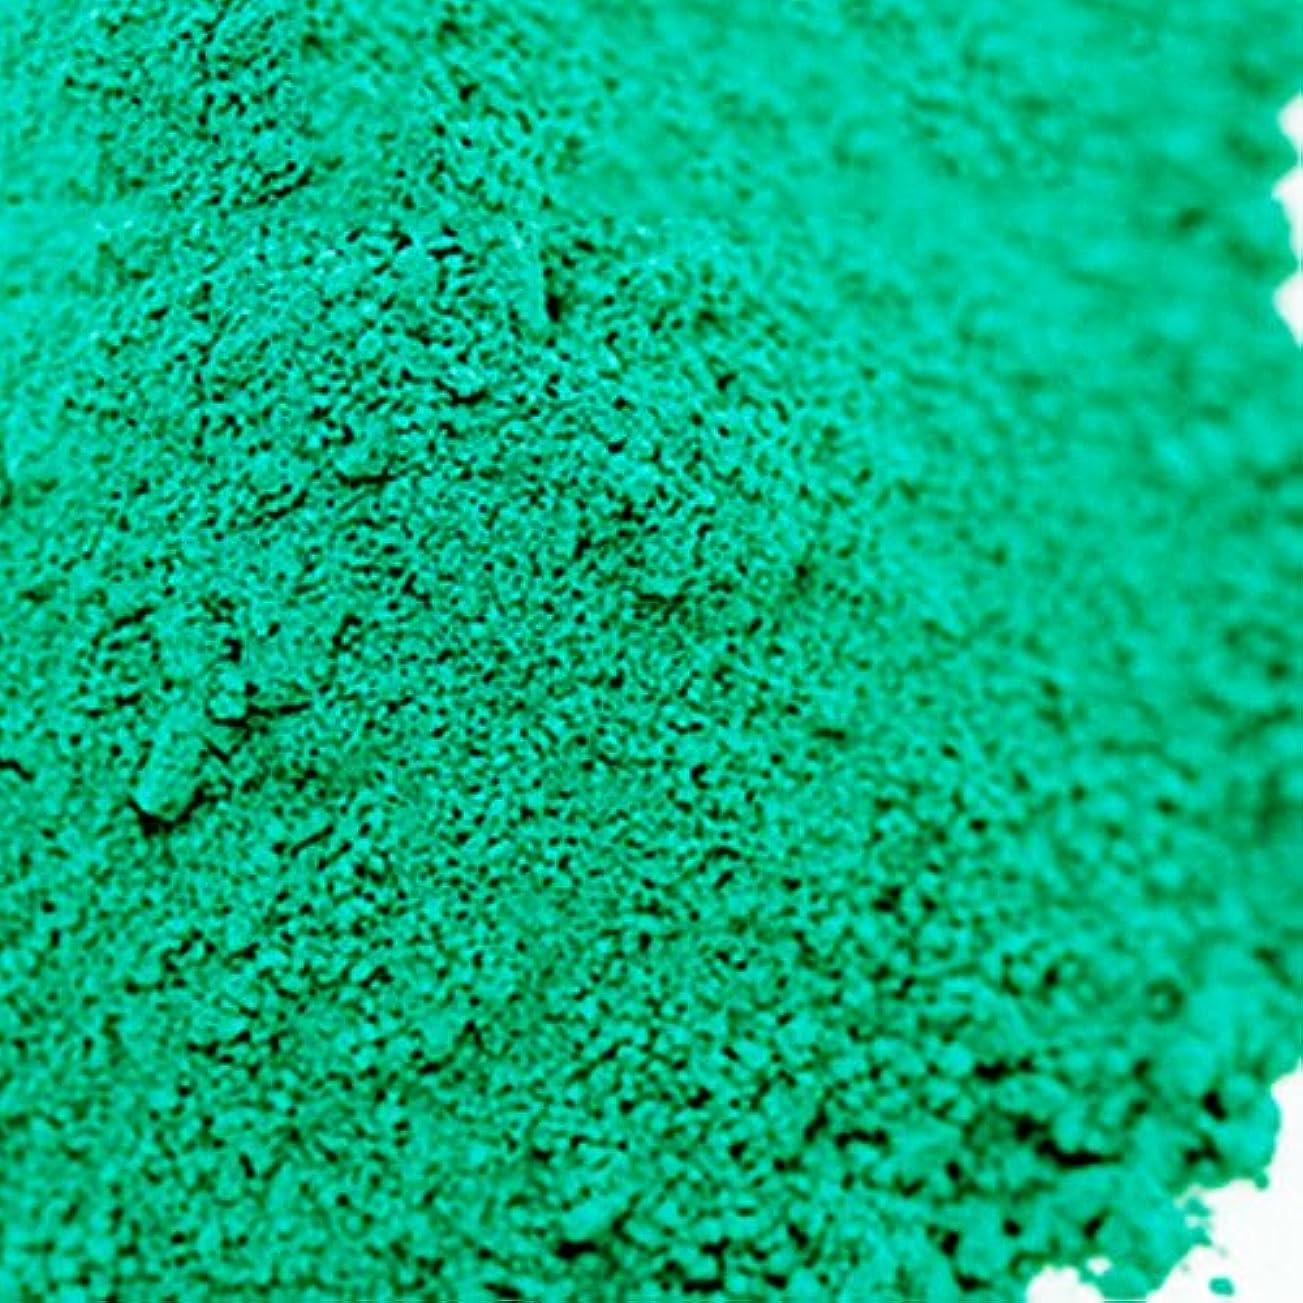 男らしいガロンペルメル水酸化クロム グリーン 20g 【手作り石鹸/手作りコスメ/色付け/カラーラント/緑】